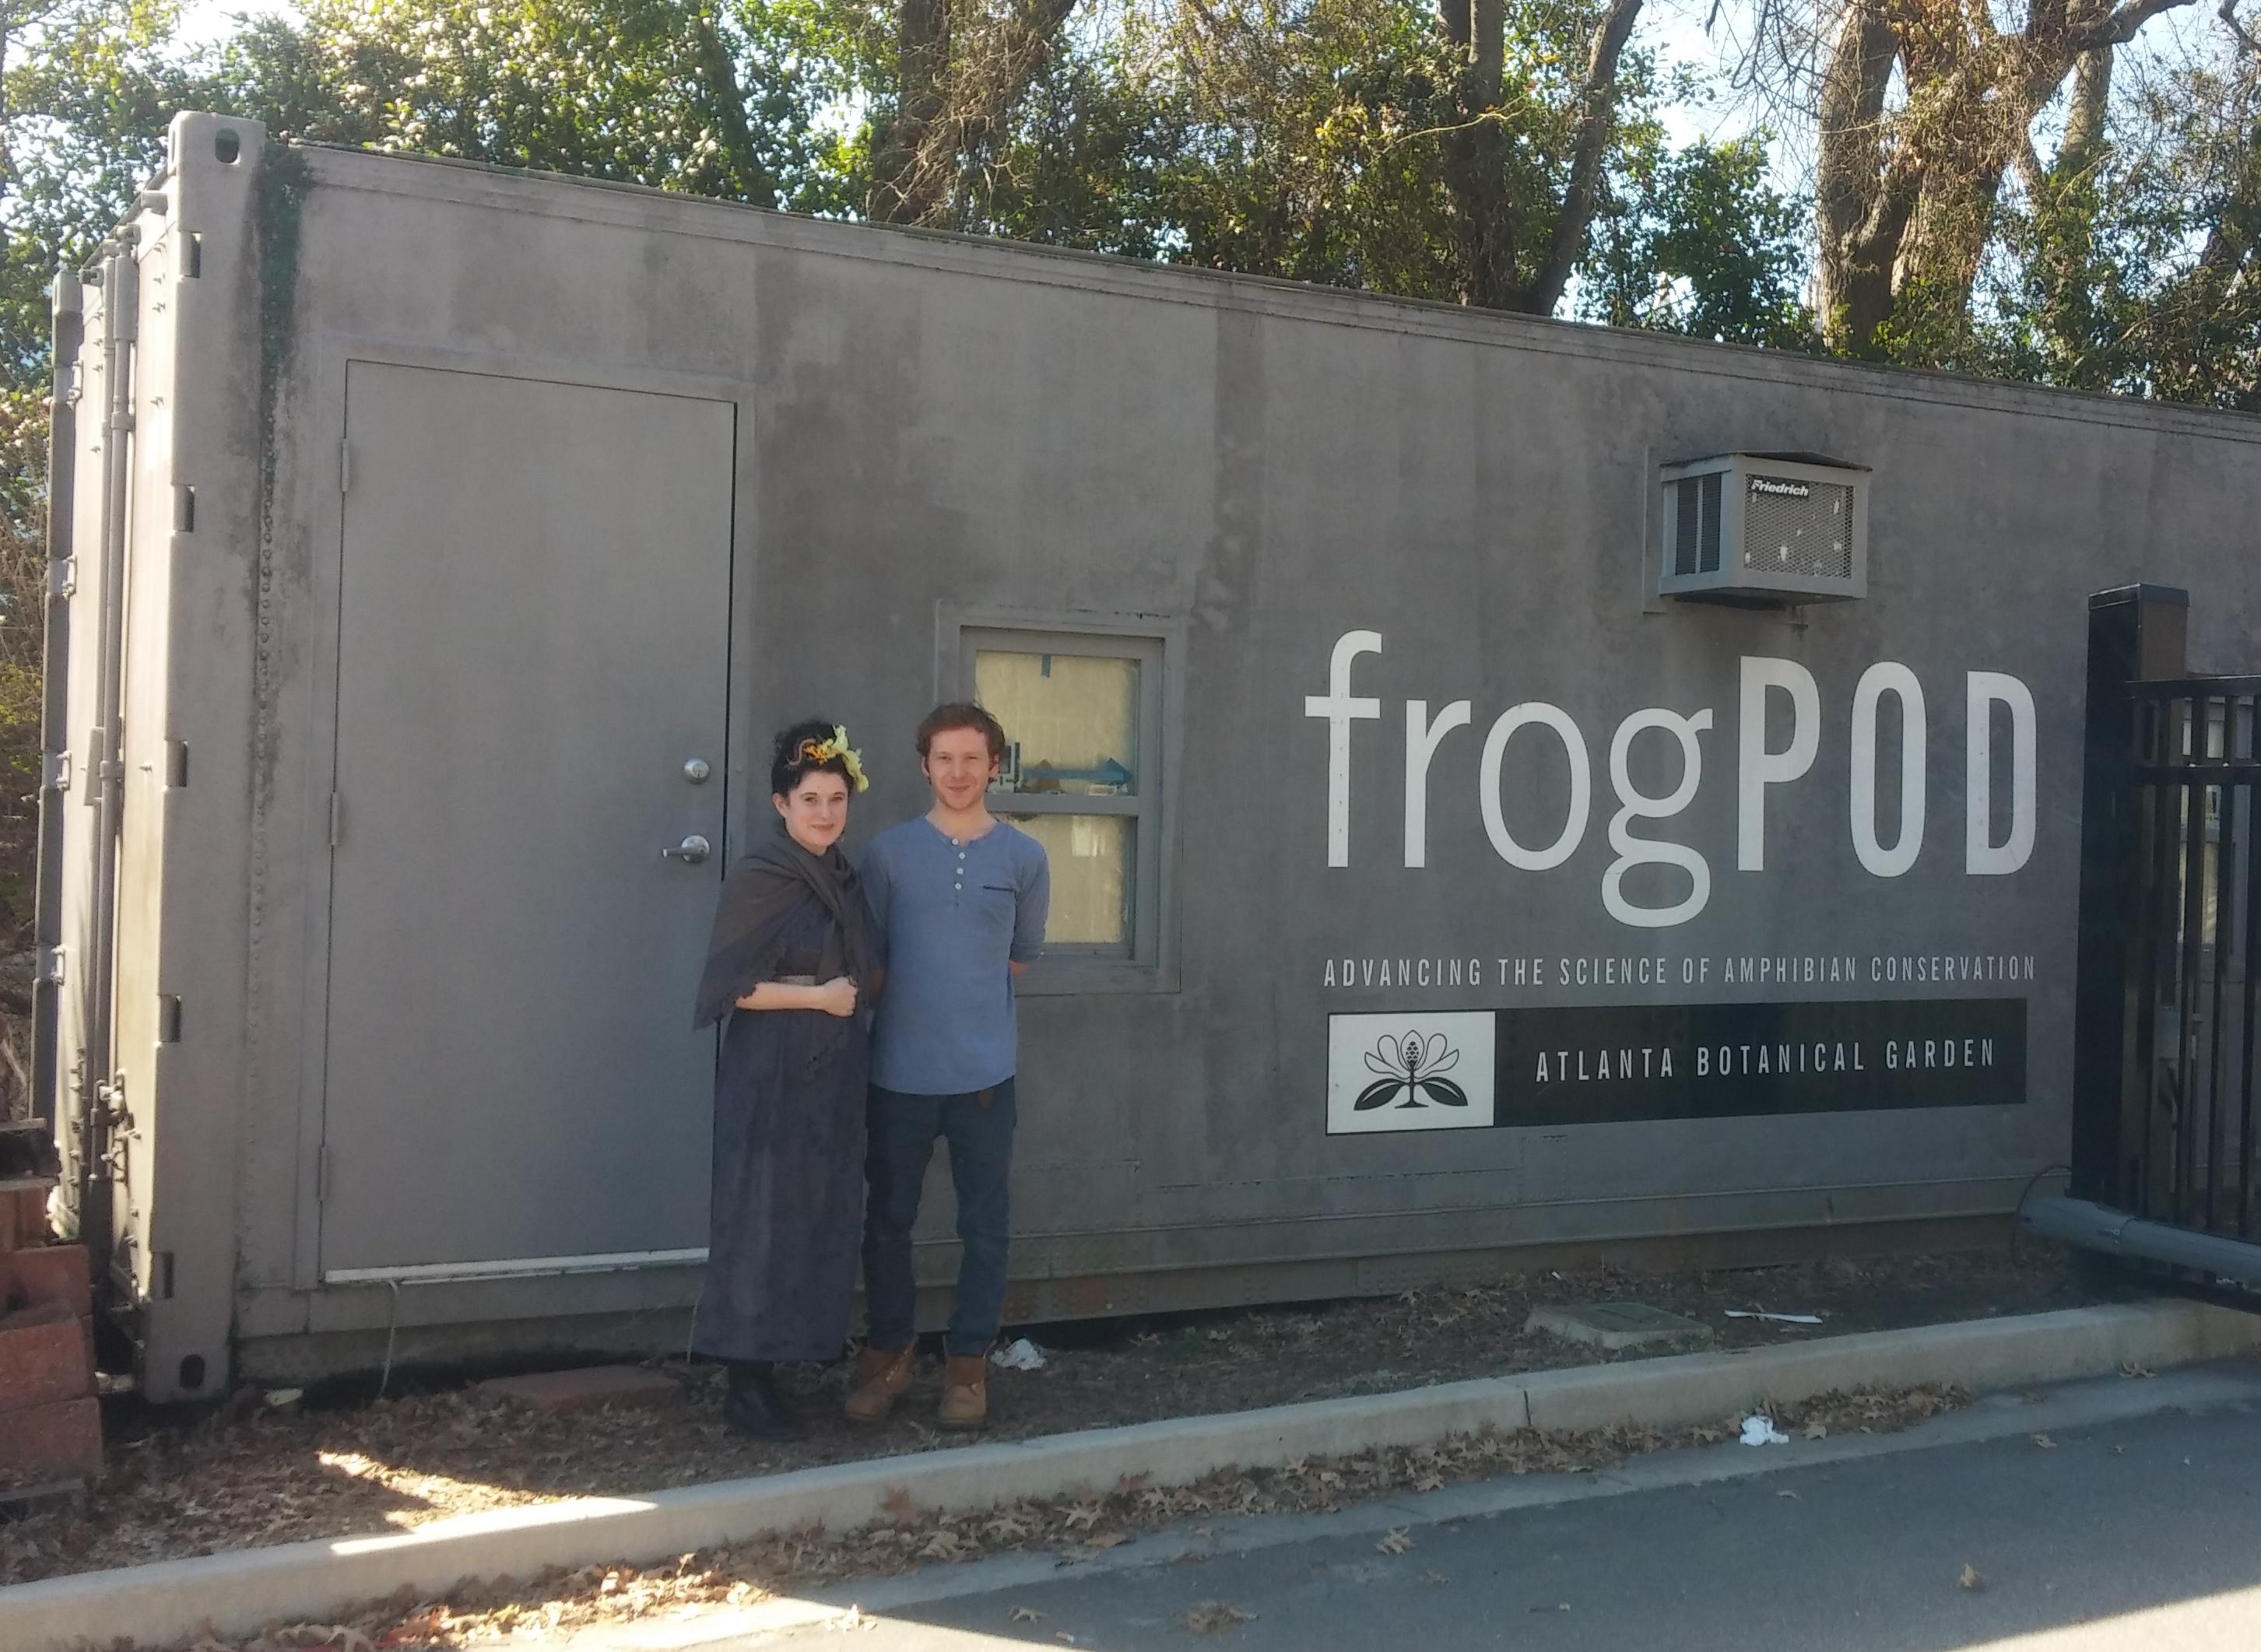 Me Outside Frog Pod